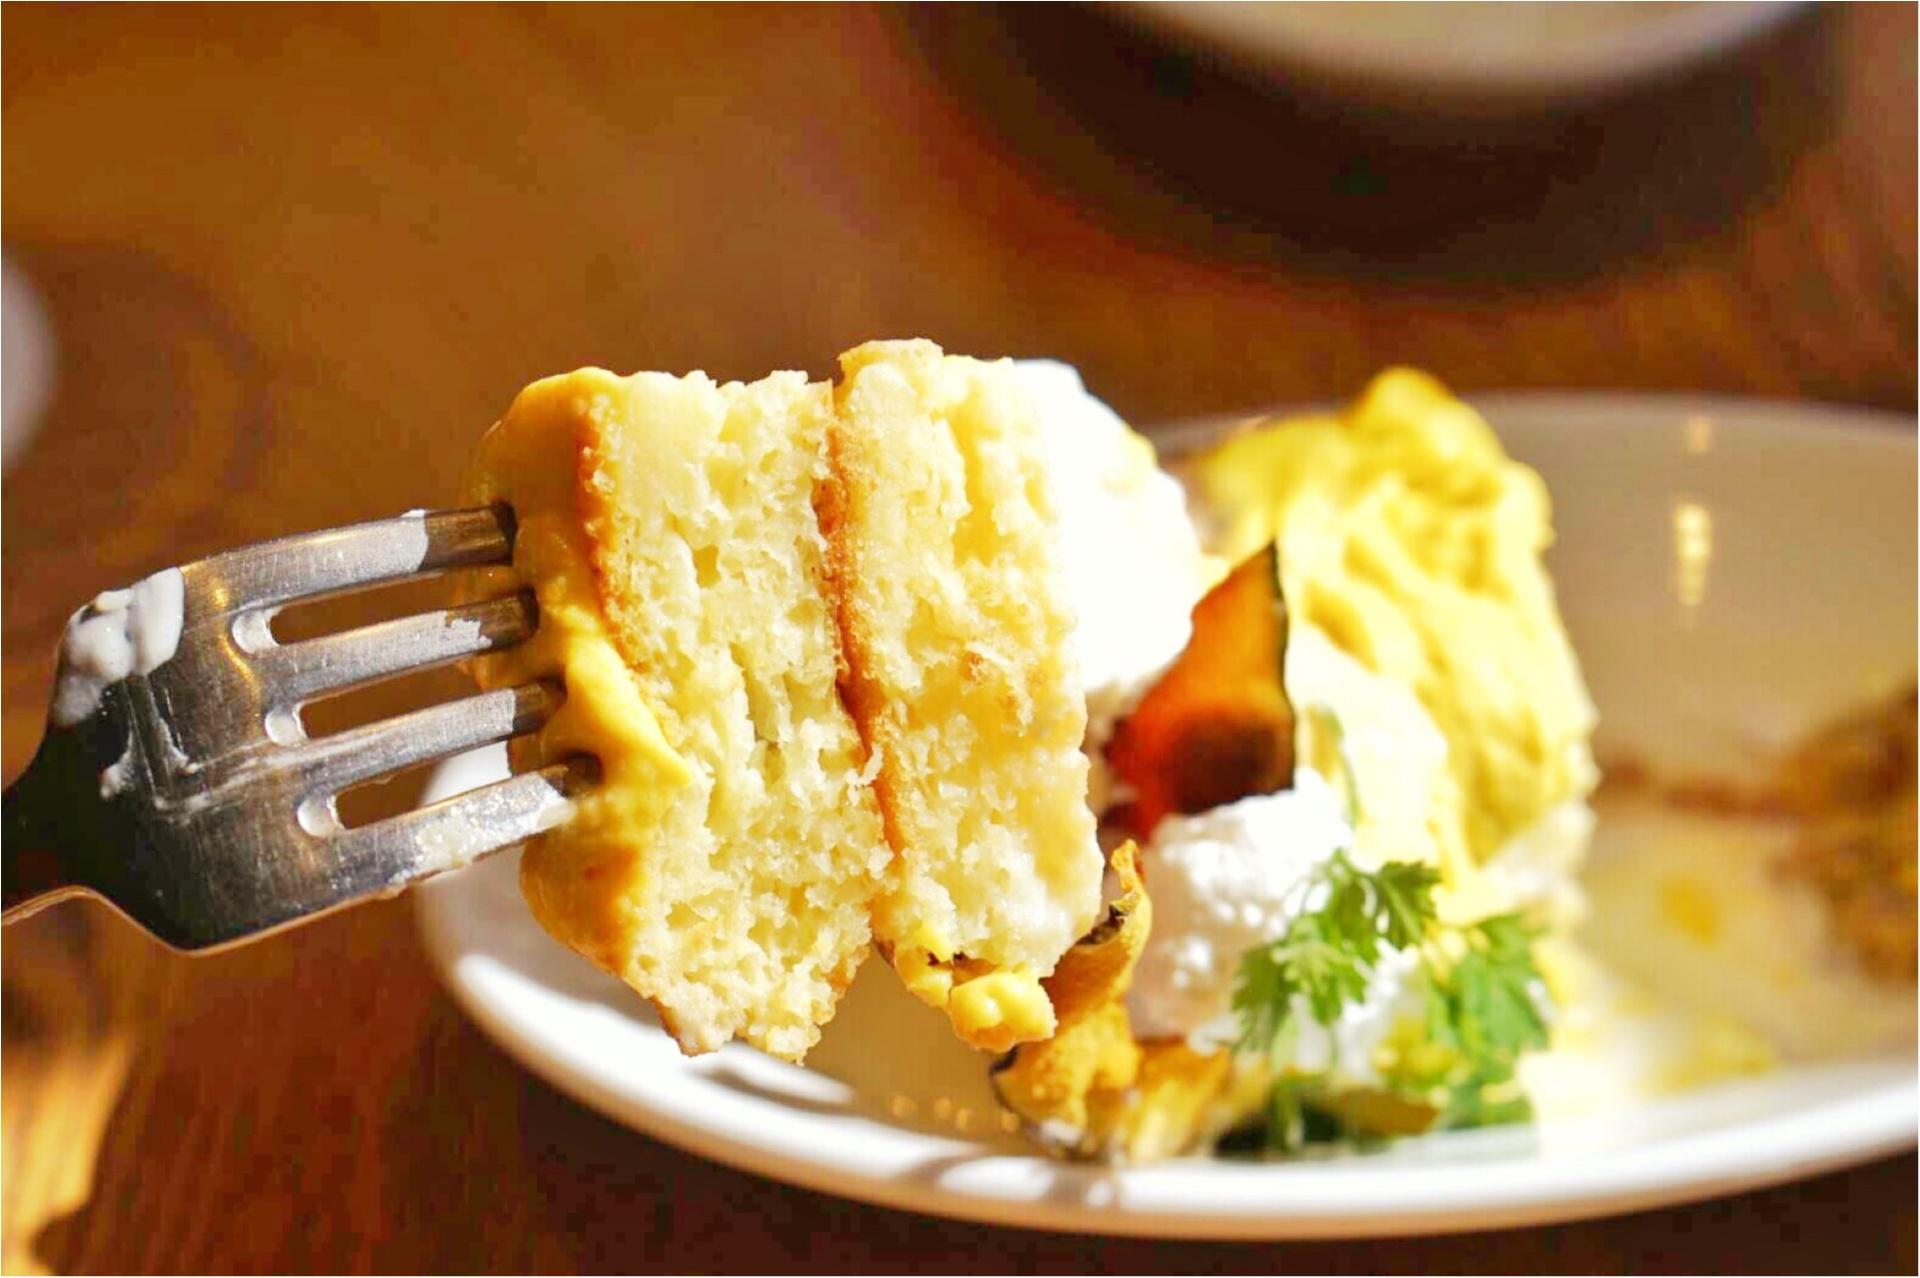 ふわふわだけじゃない!もっちりしっとり♡可愛くて美味しいパンケーキのお店 BEST3✨_9